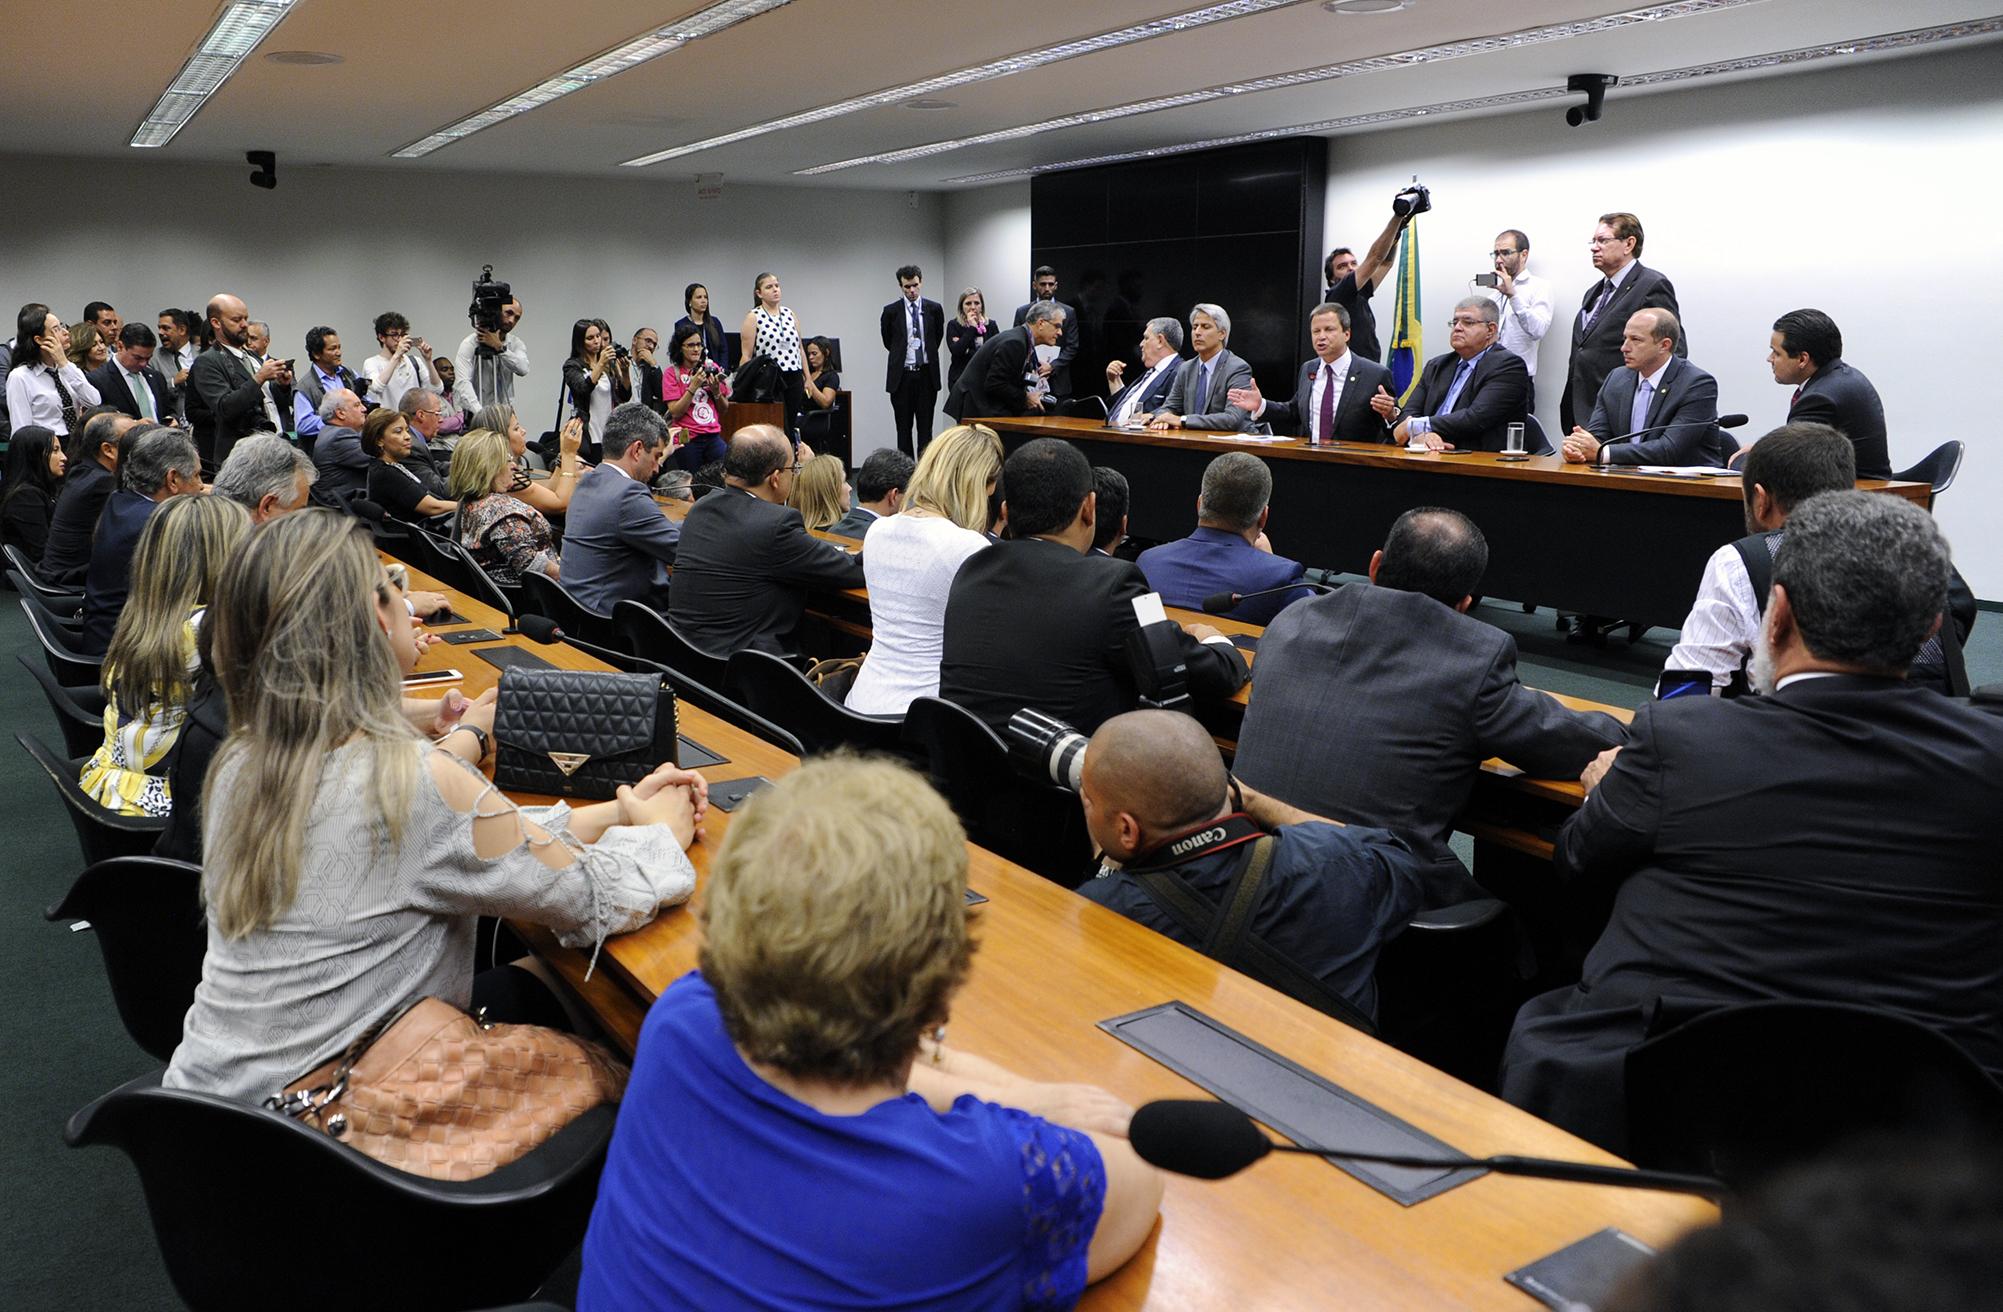 Reunião para entrega de carta aberta da OAB sobre a reforma